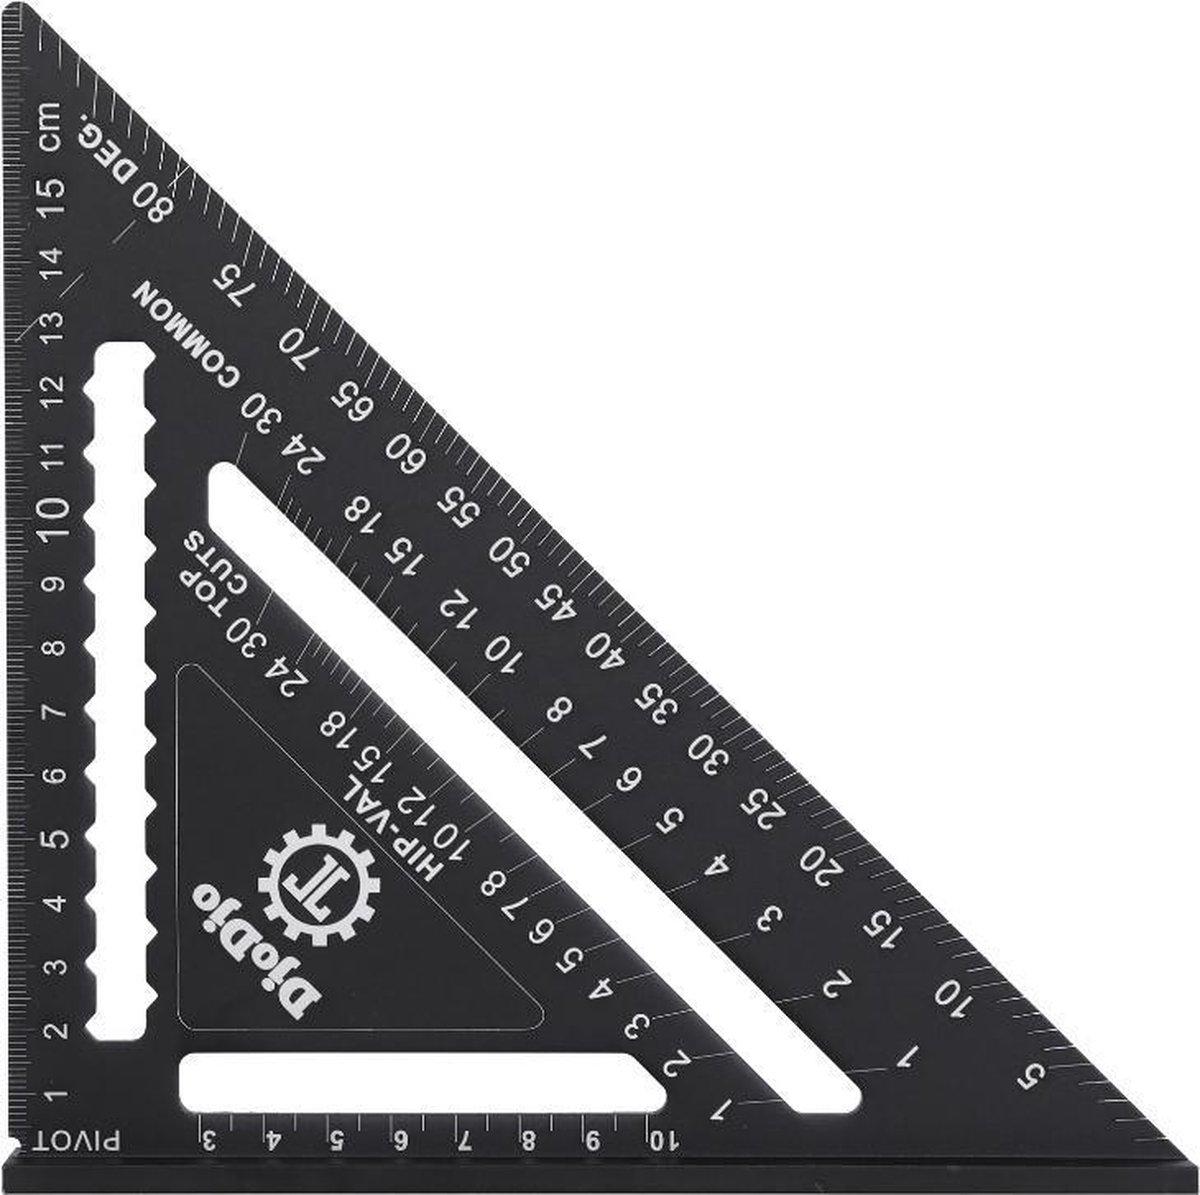 DjoDjo - Winkelhaak - Metrische Driehoek - Speed Square - Schrijfhaak - Blokhaak - Verstekhaak - 5-i